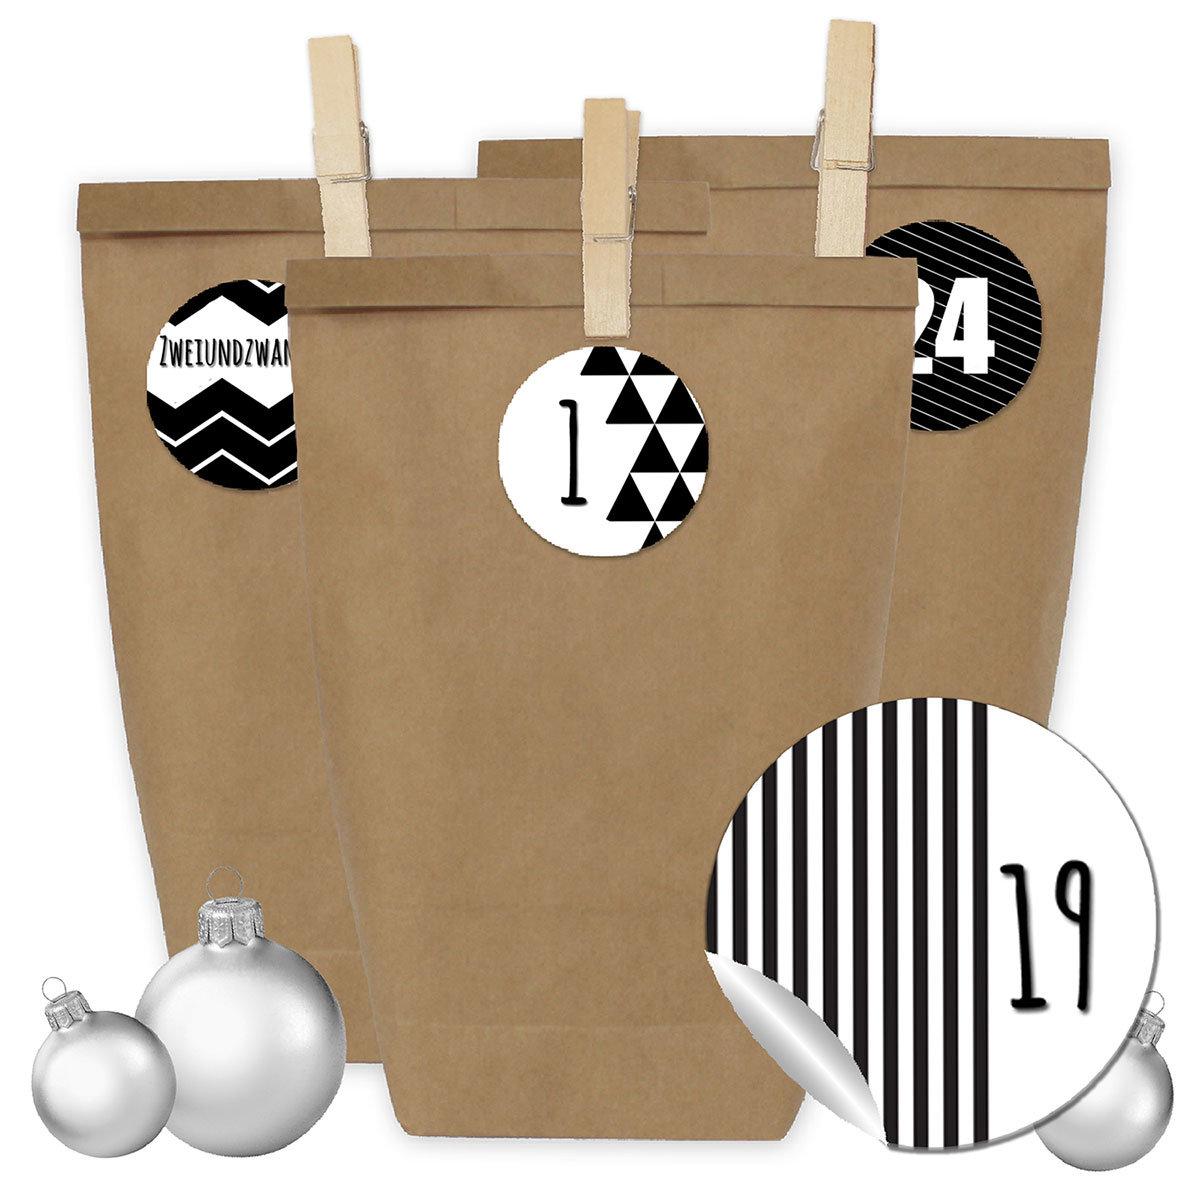 24 adventskalender geschenkt ten mit 24 zahlenaufklebern und klammern zum selber basteln diy. Black Bedroom Furniture Sets. Home Design Ideas